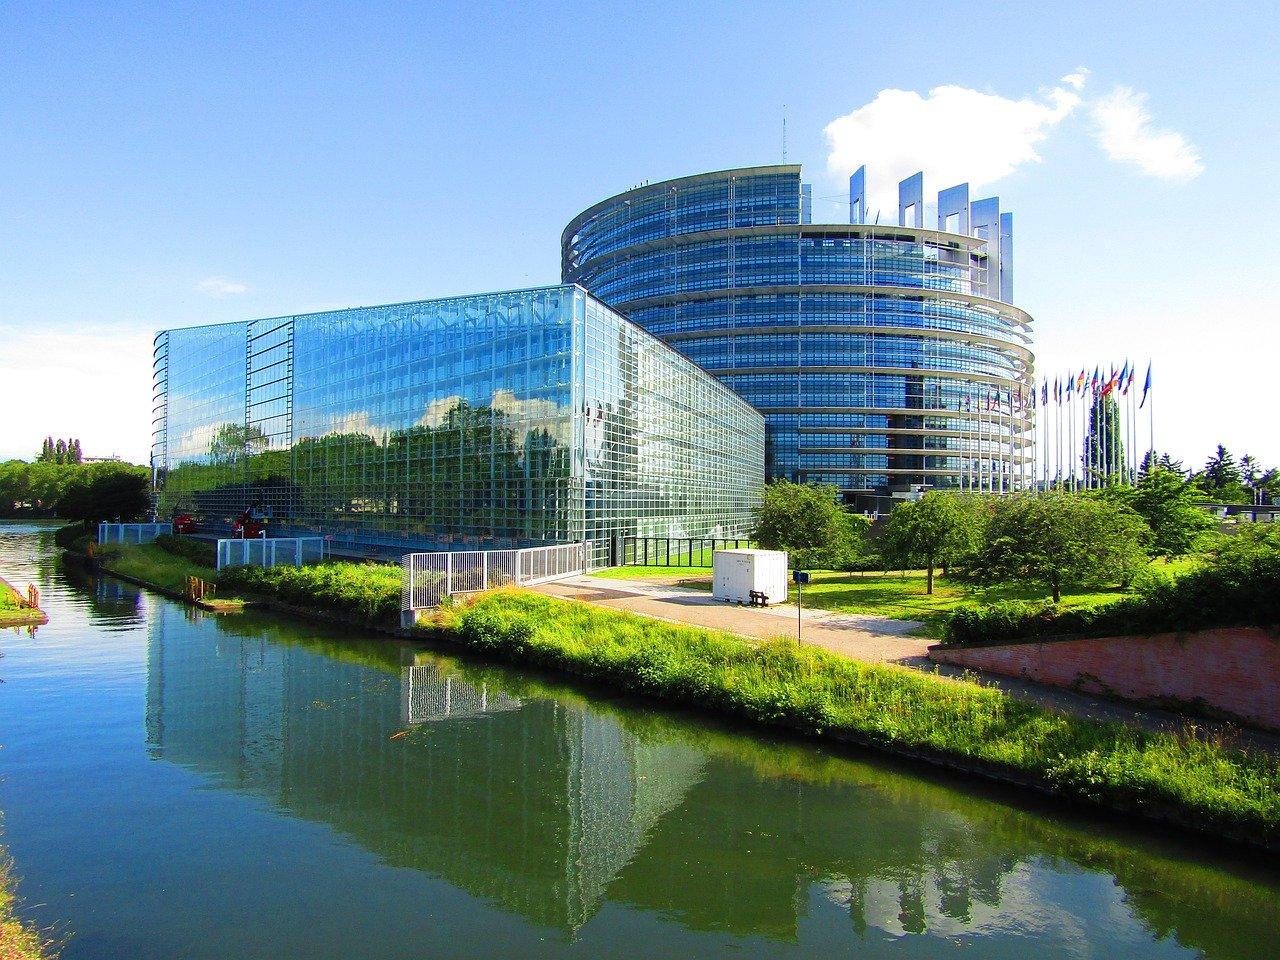 Europa macht Front gegen Souveränität